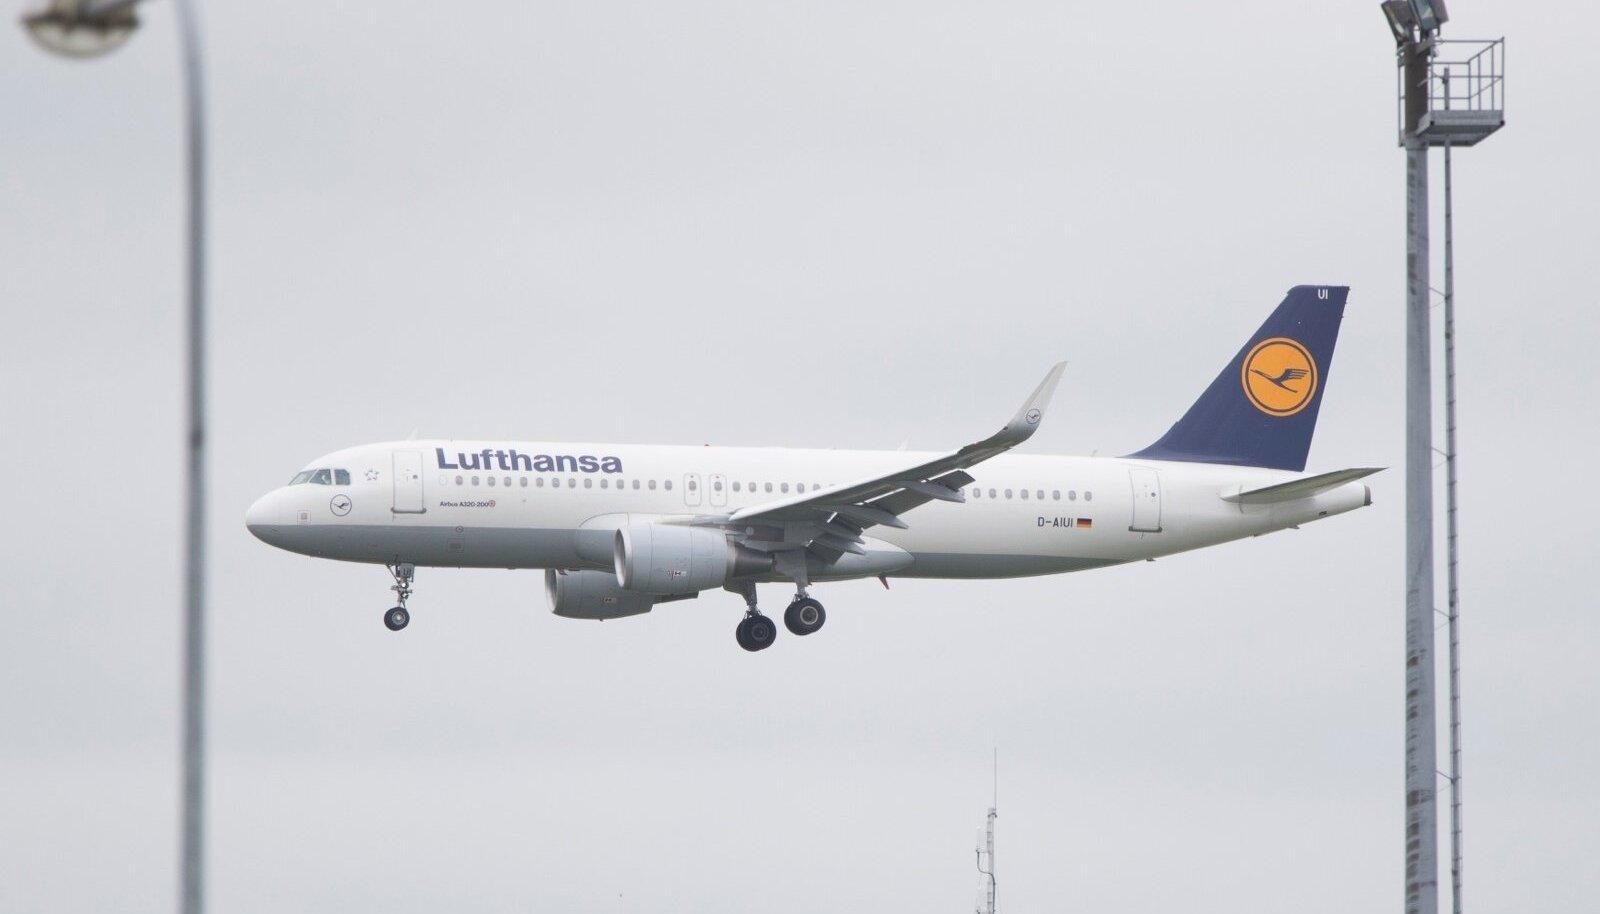 Lufthansa lennuk Tallinna lennujaamas